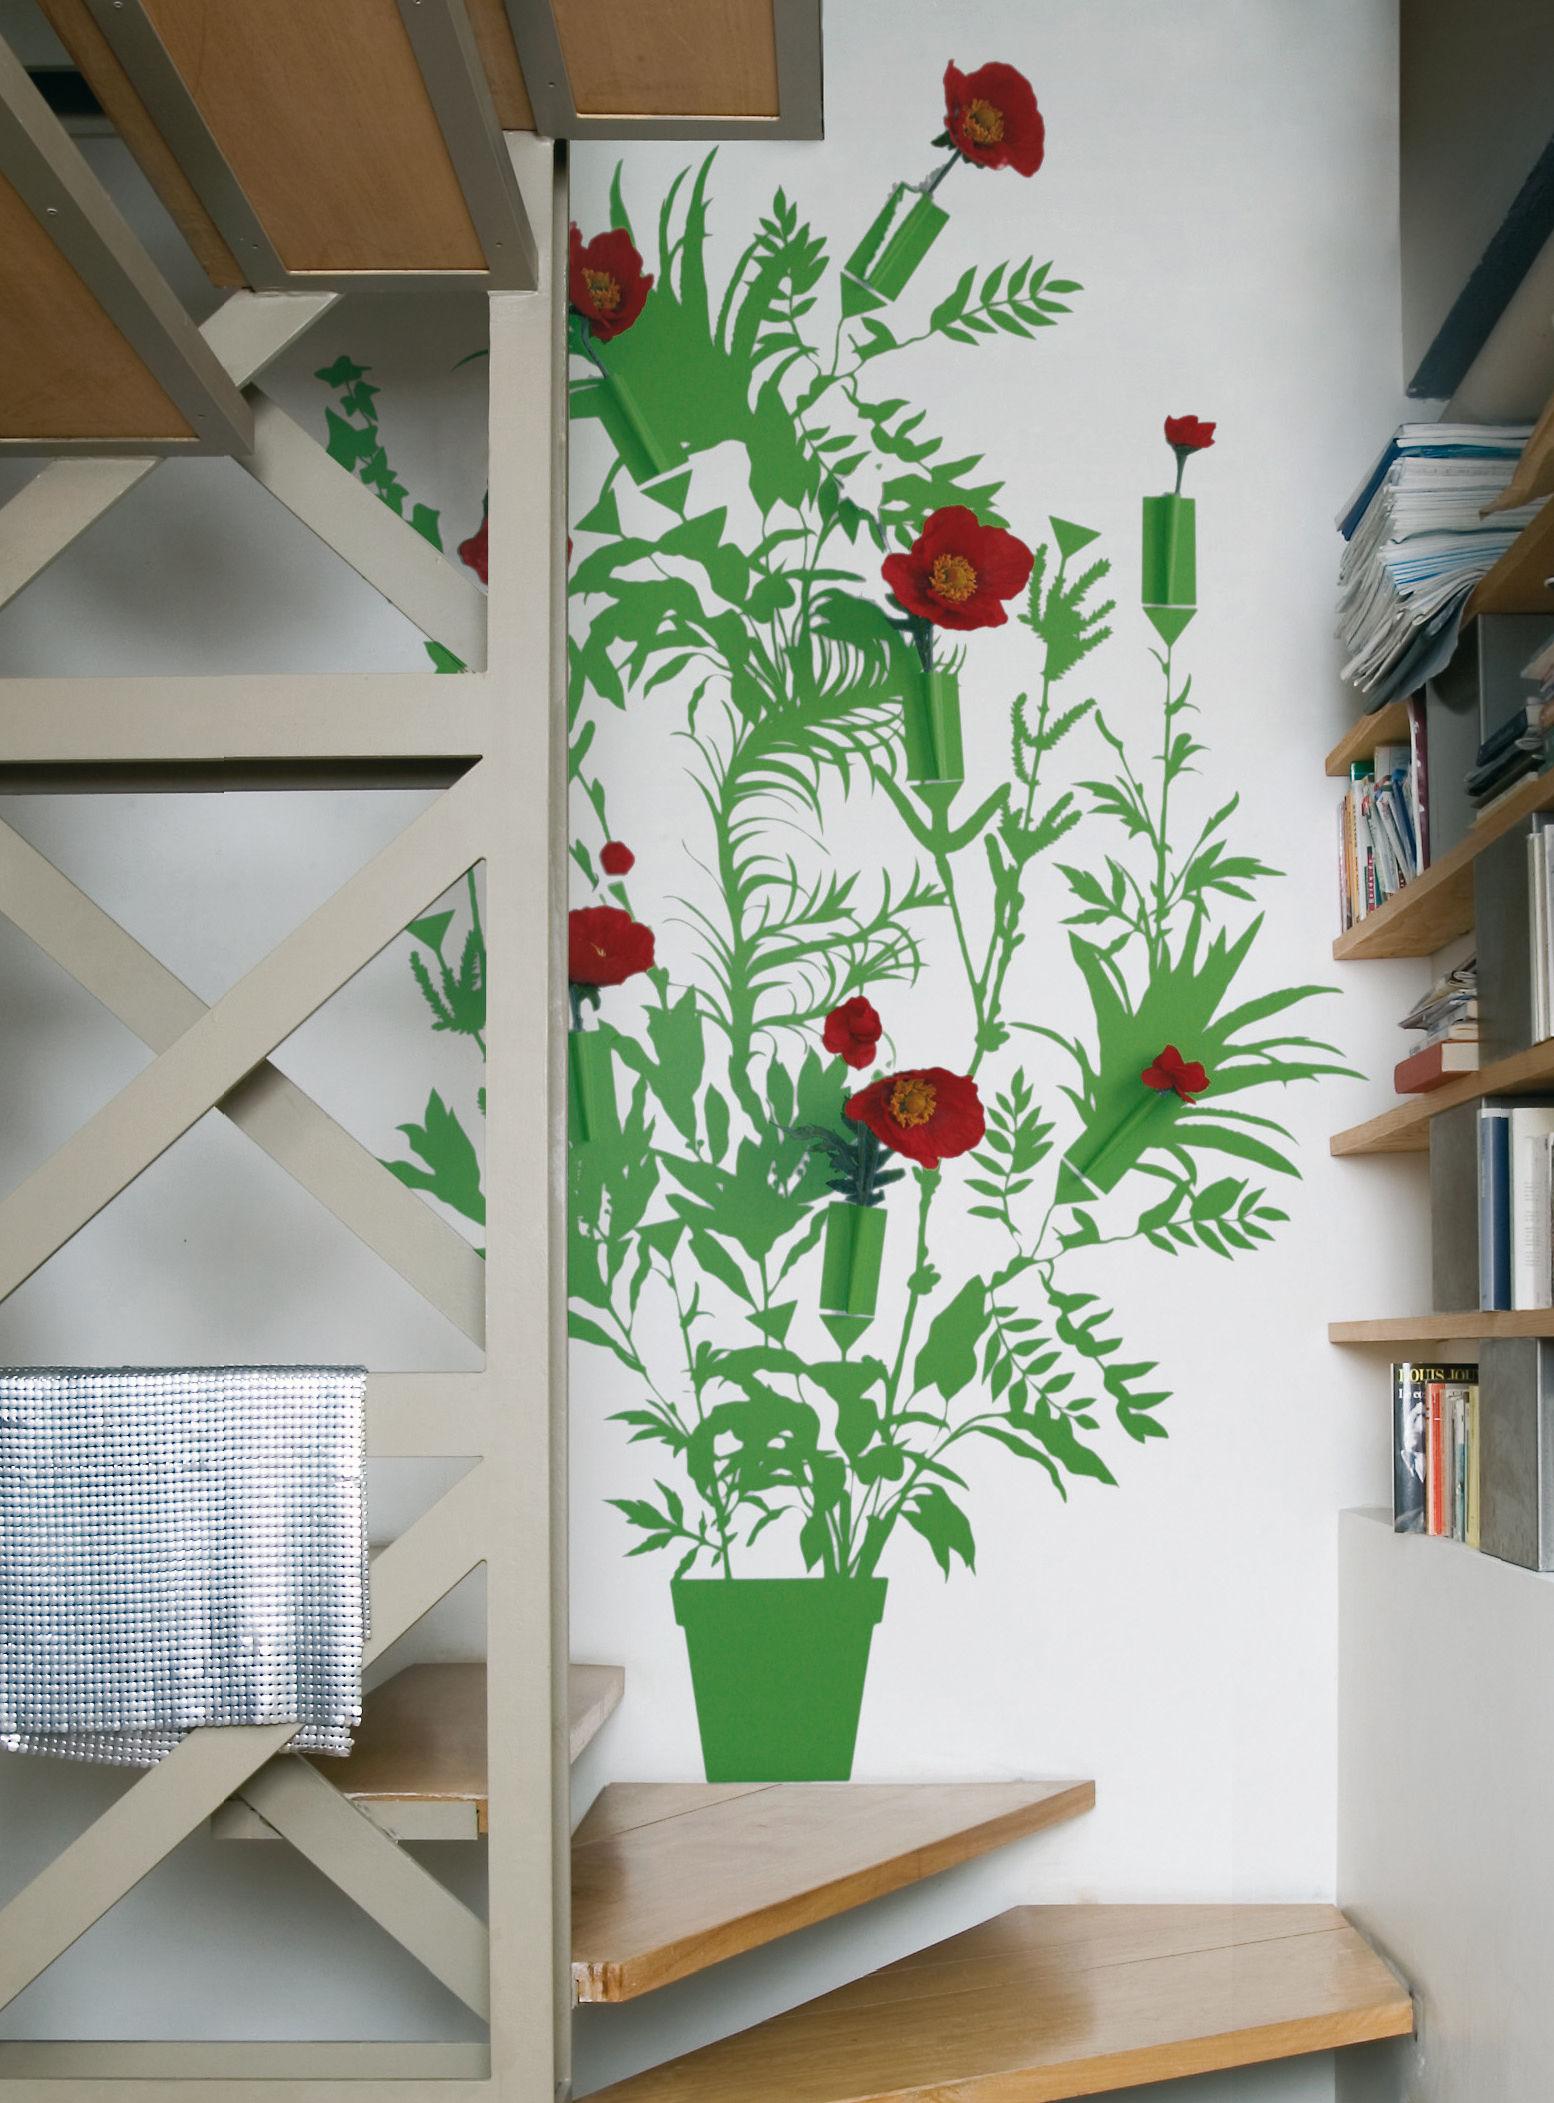 Interni - Sticker - Sticker Vynil + Flower di Domestic - Verde - Vinile